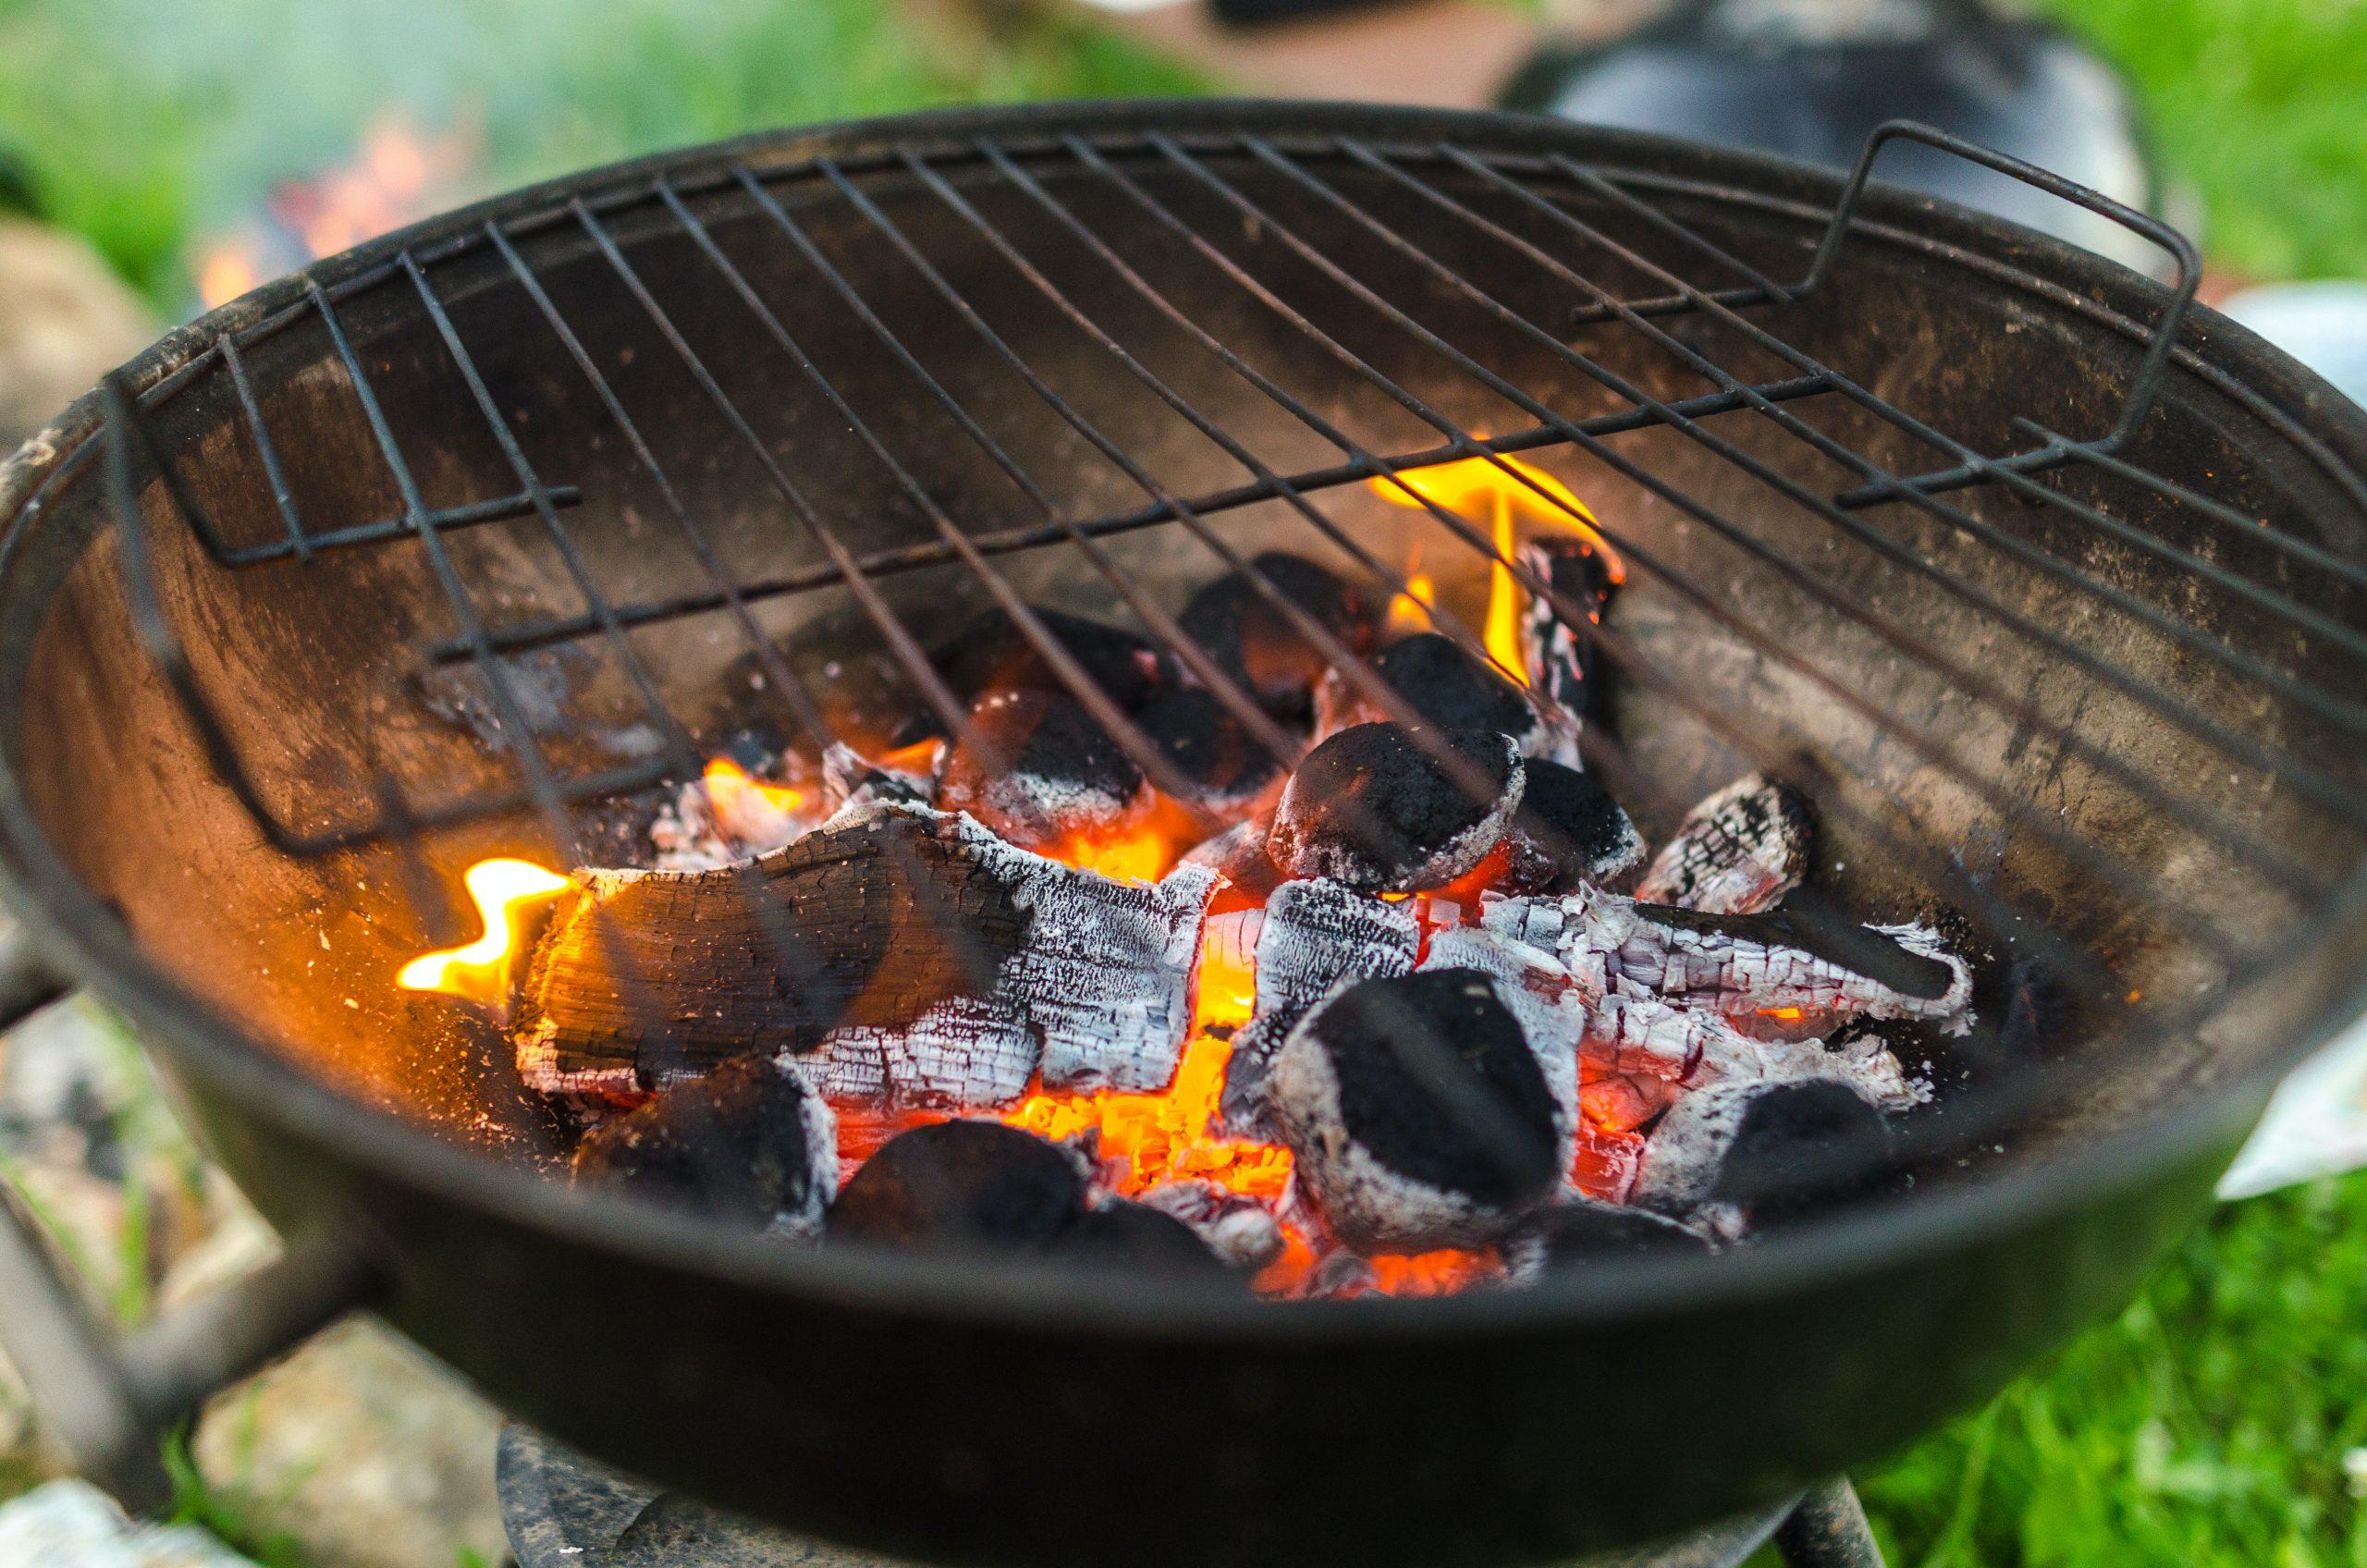 Coal BBQ Burning